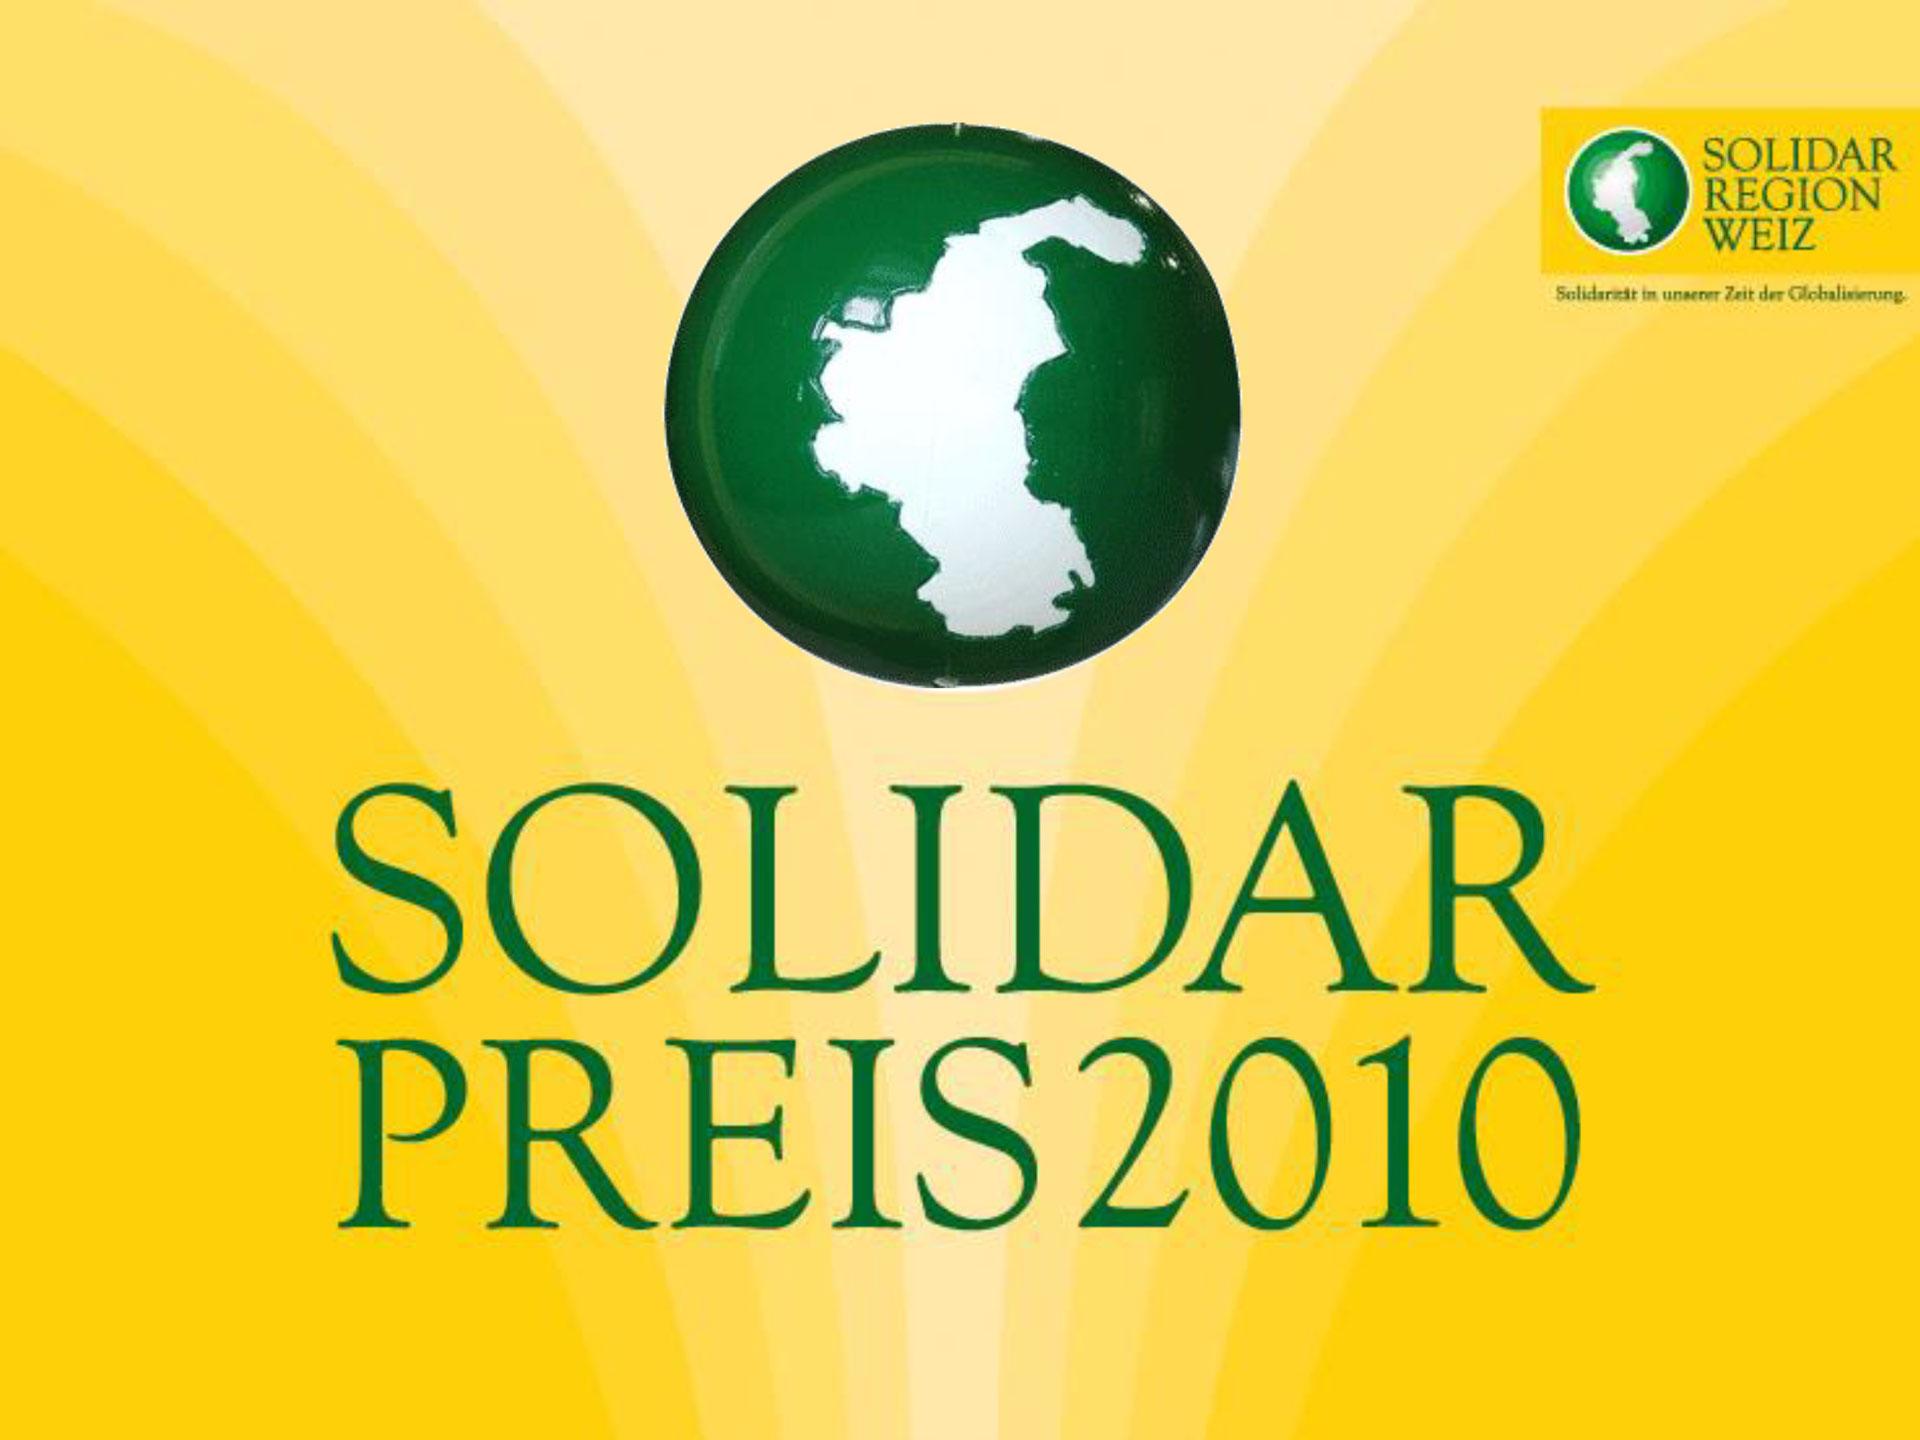 Solidarpreis_2010-1